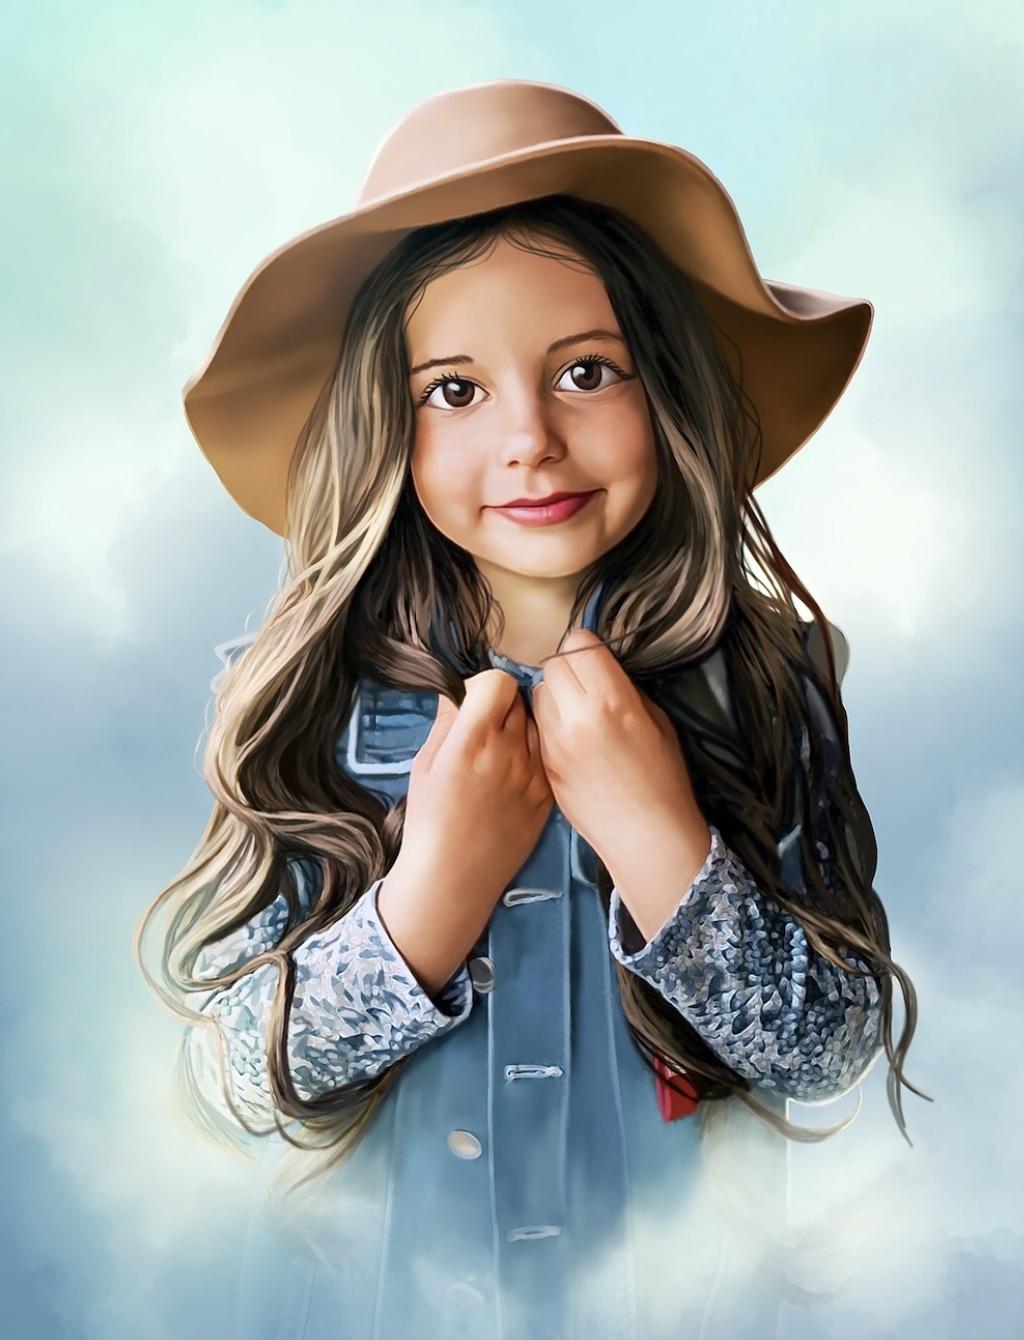 Фото: Российская художница превращает детские фотографии в очаровательные мультяшные портреты